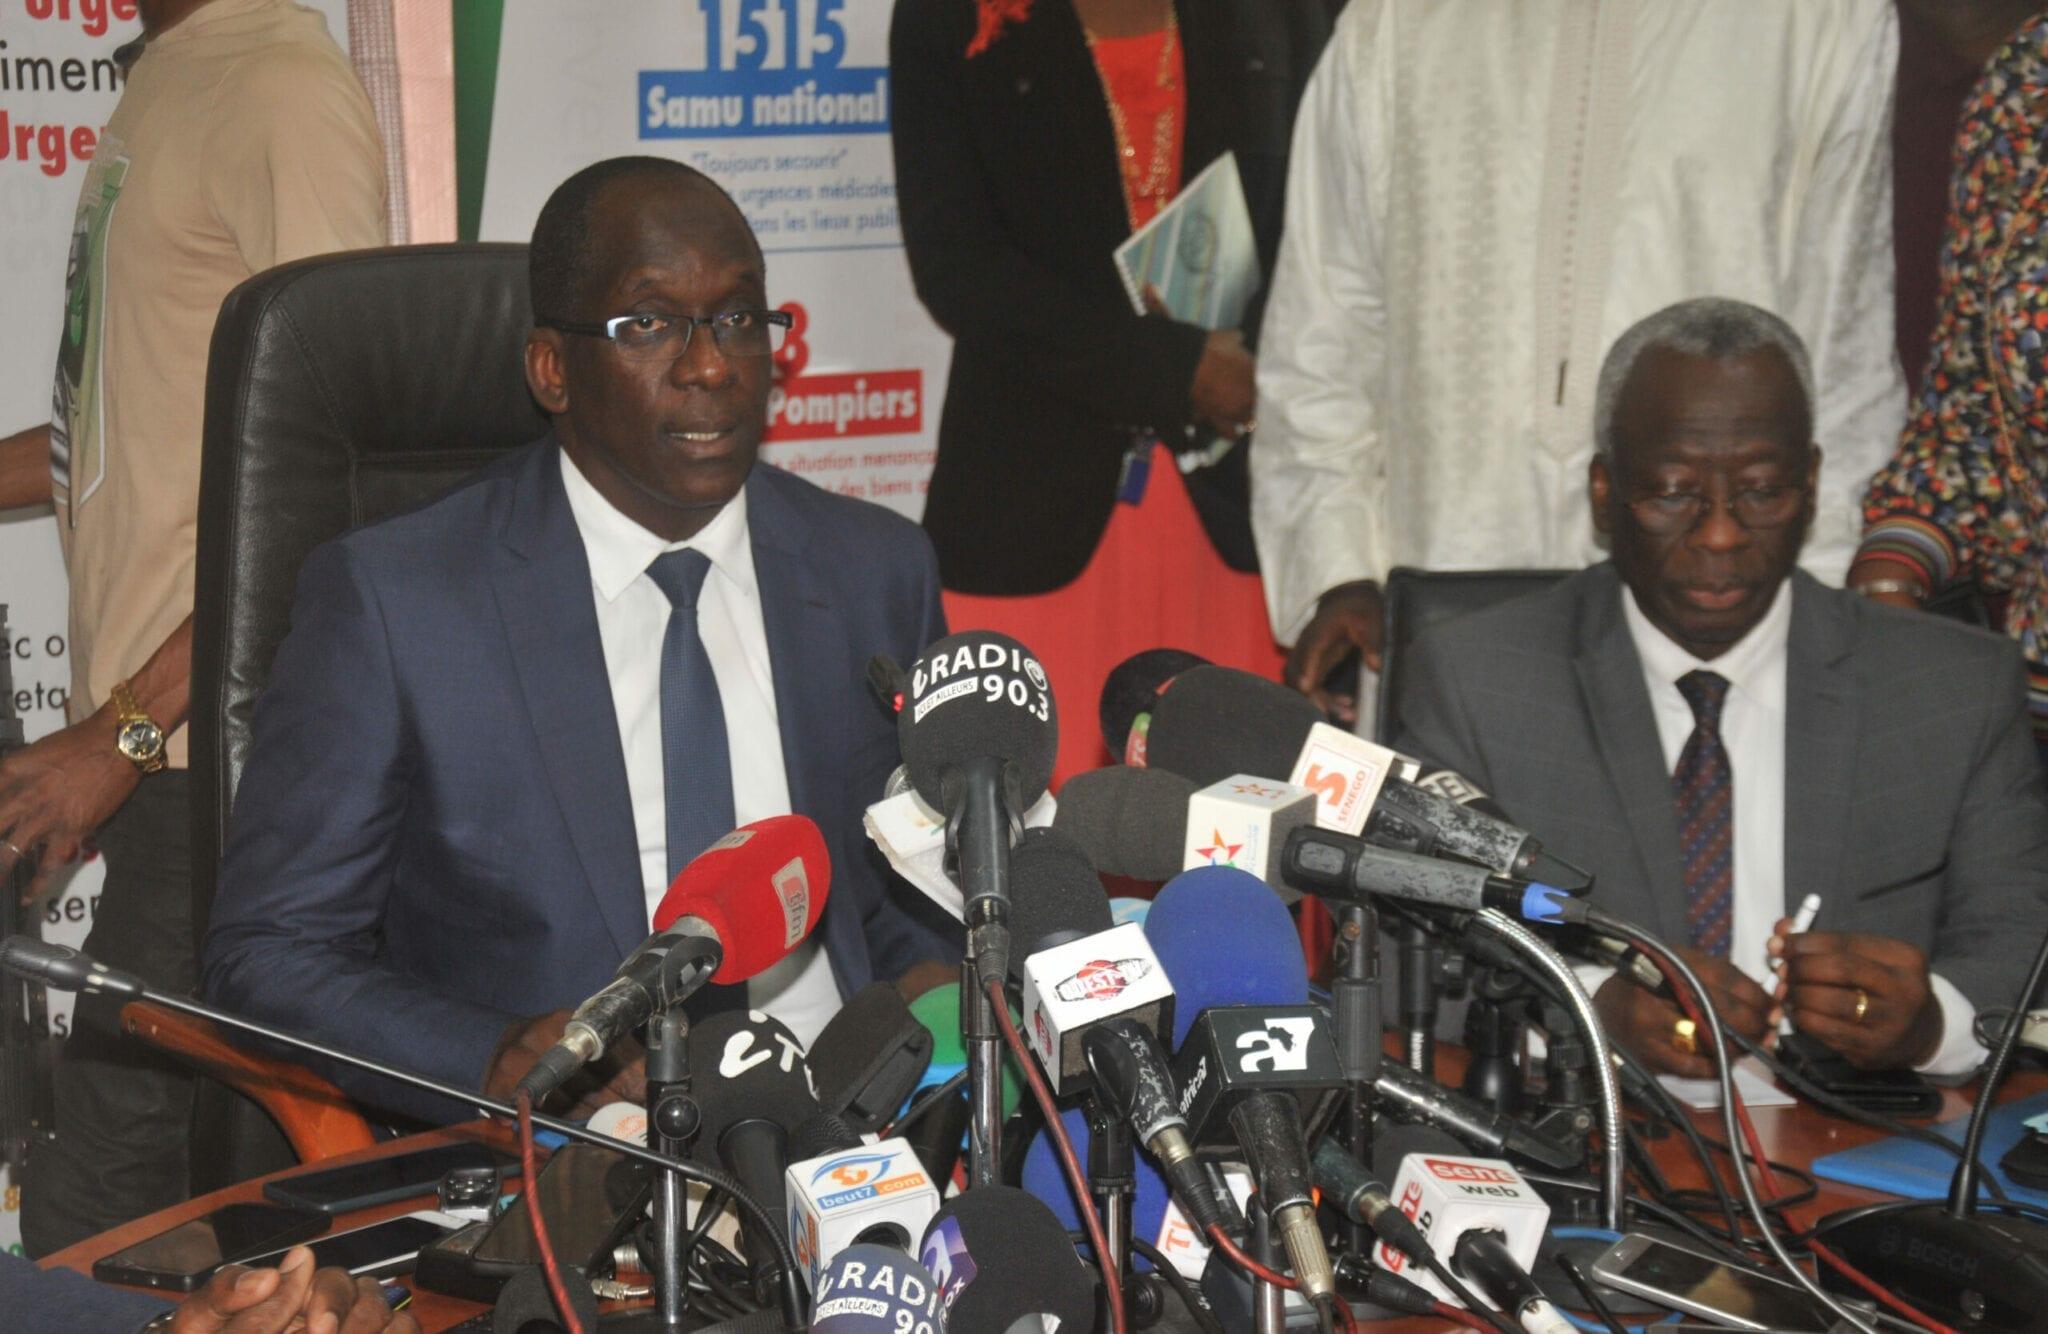 Le Sénégal met en place des mesures pour éviter la propagation du coronavirus